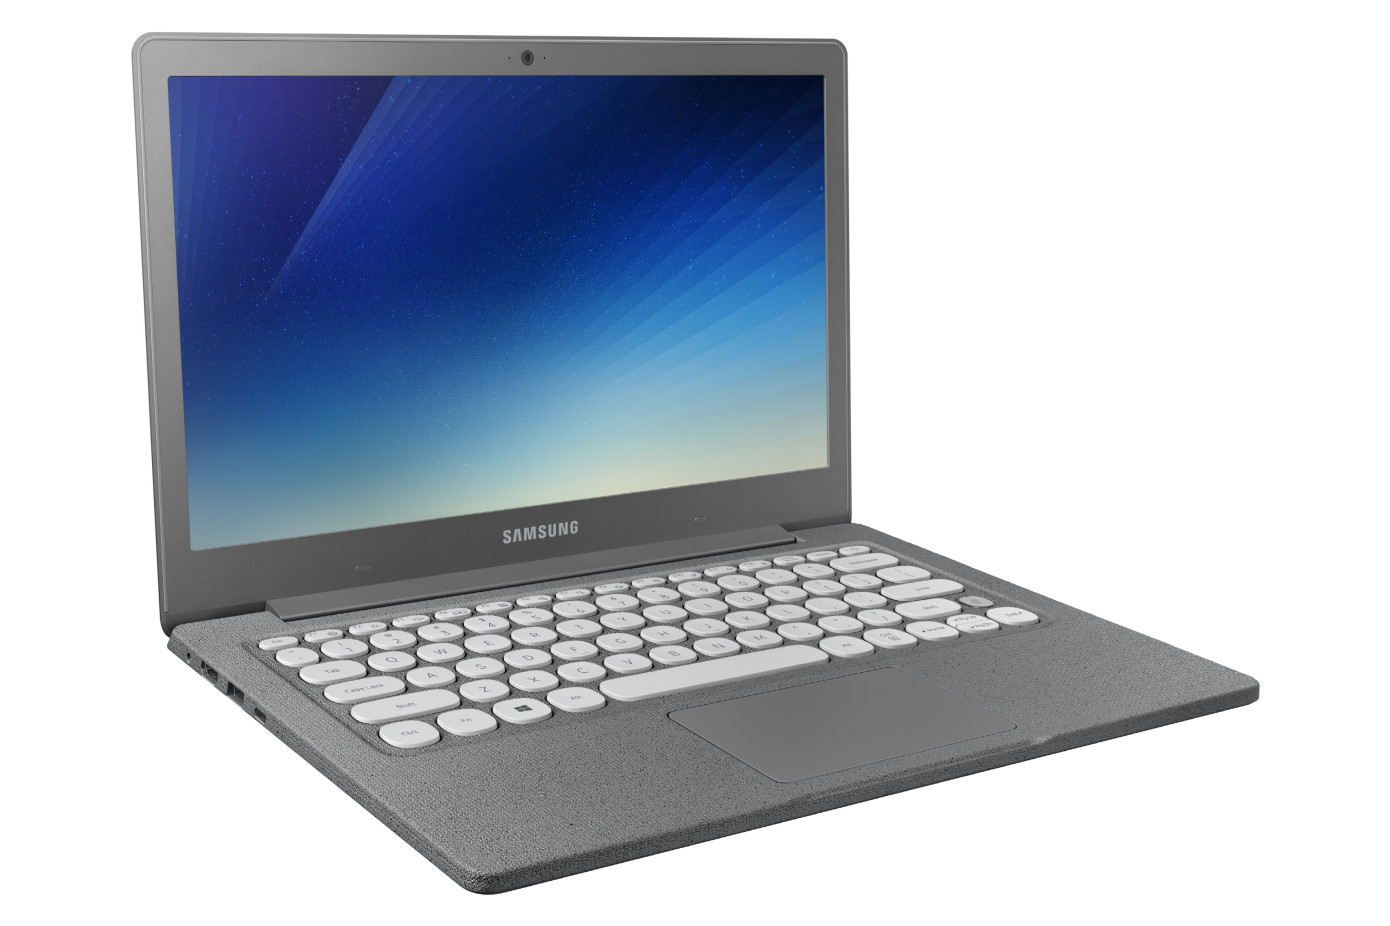 Ces 2019 Drei Neue Laptops Einsteiger Business Und Gaming Mit